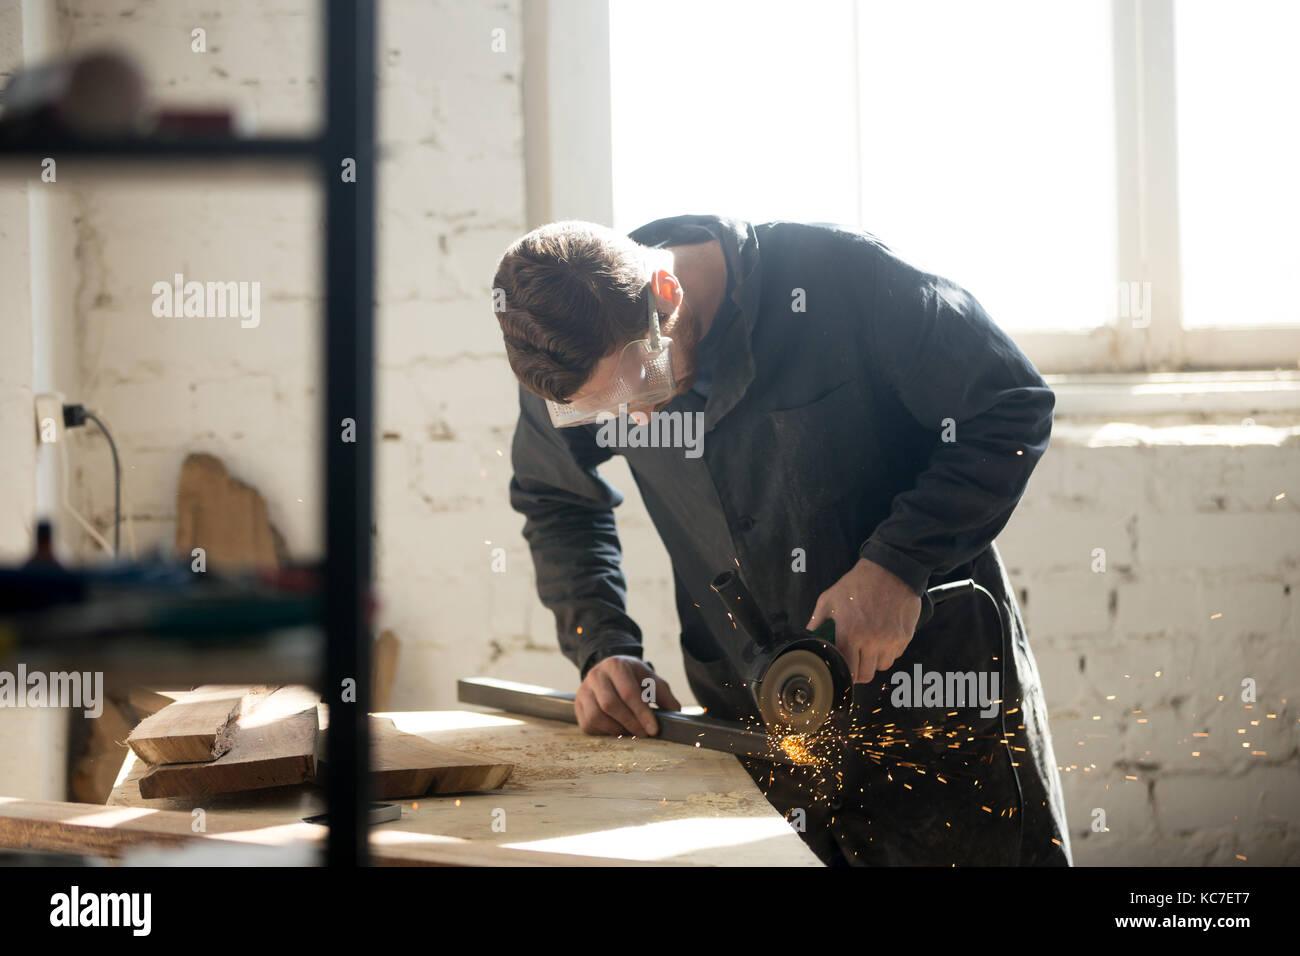 Handwerker macht eigene Erfolgreiche kleine Unternehmen Stockbild